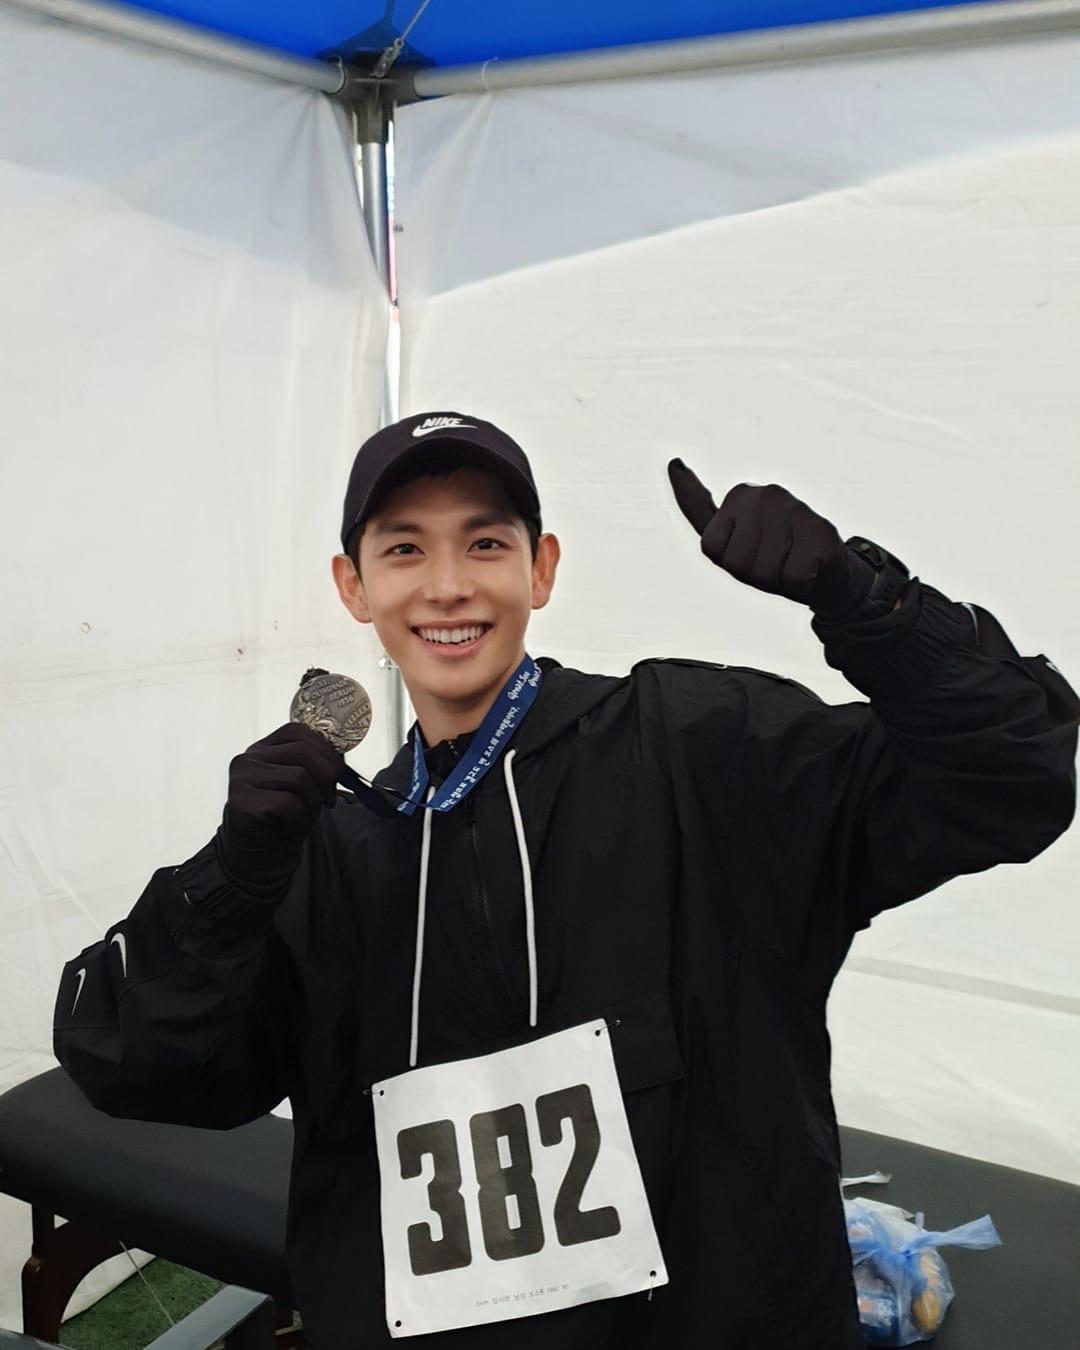 """任时完10公里马拉松比赛 用近况照片向粉丝报告达成新记录"""""""